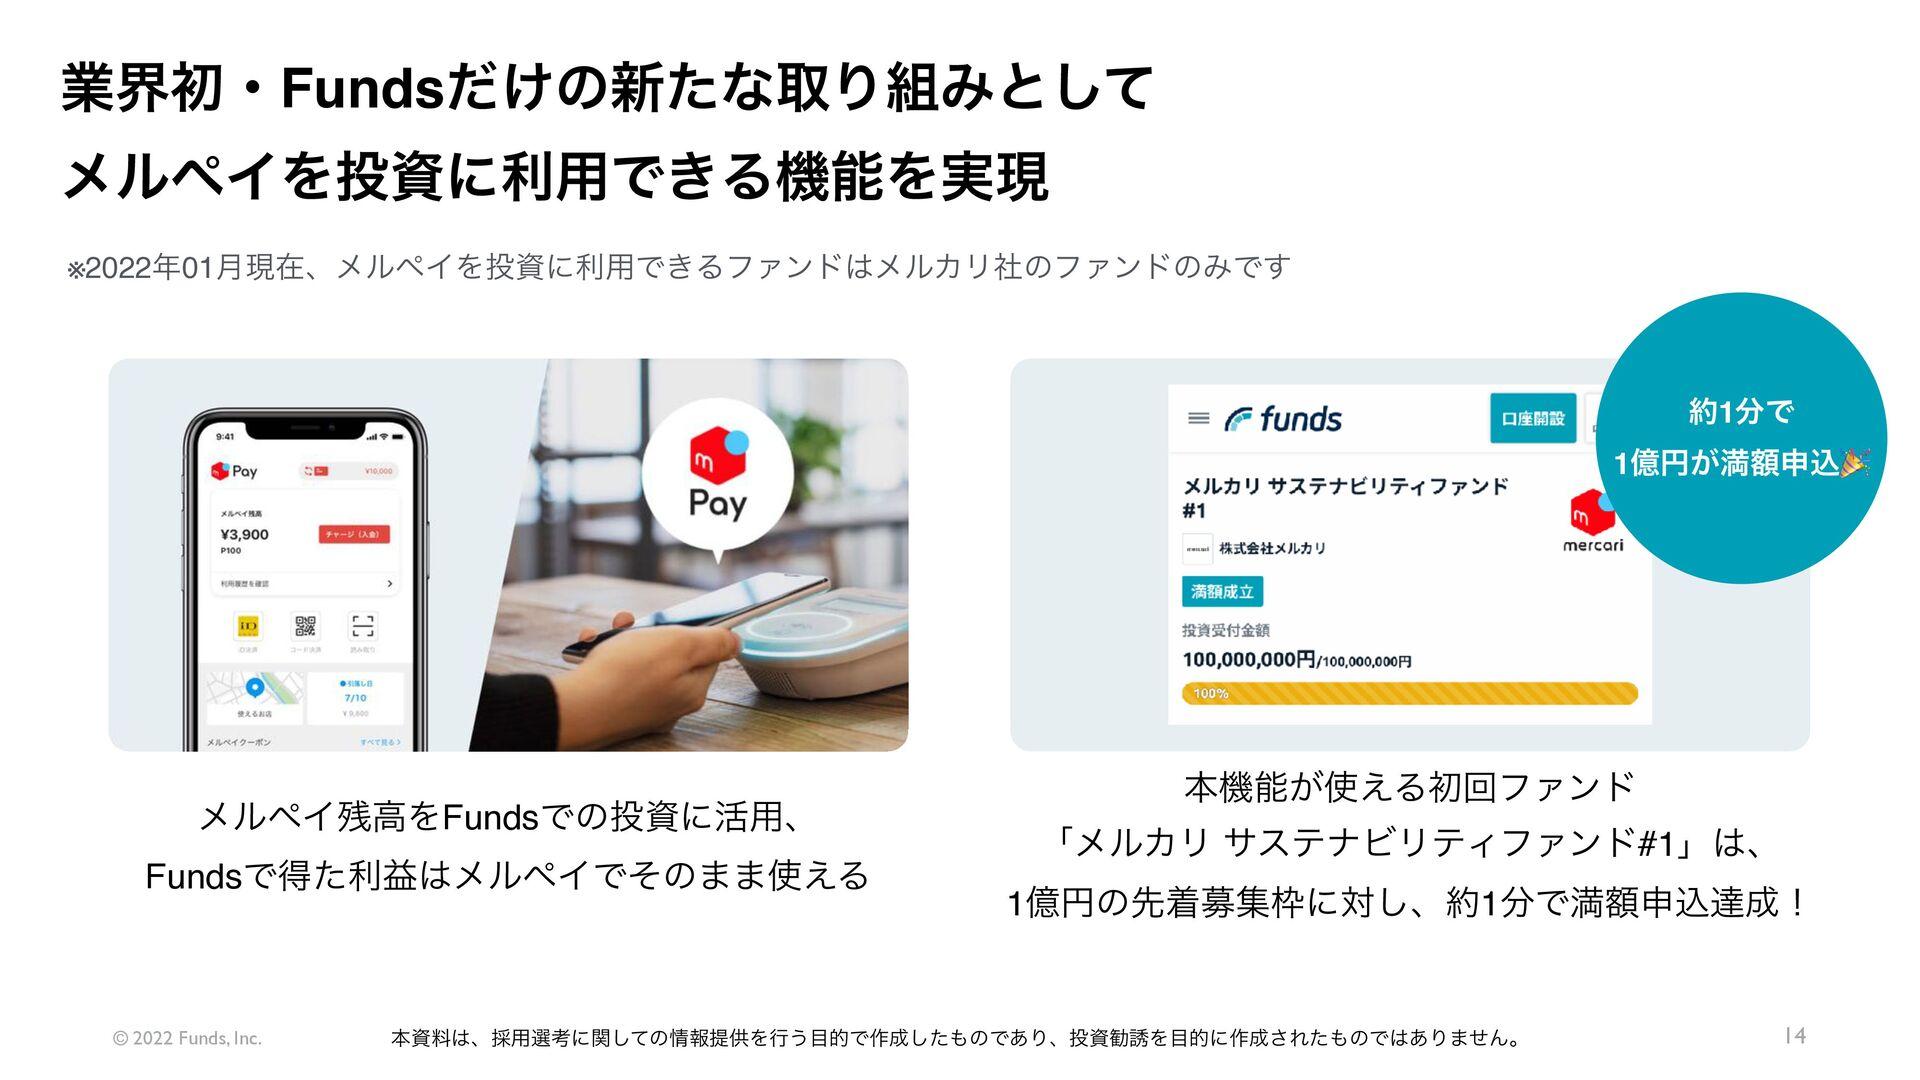 © 2021 Funds, Inc. ۀքॳɾFunds͚ͩͷ৽ͨͳऔΓΈͱͯ͠ ϝϧϖΠΛ...